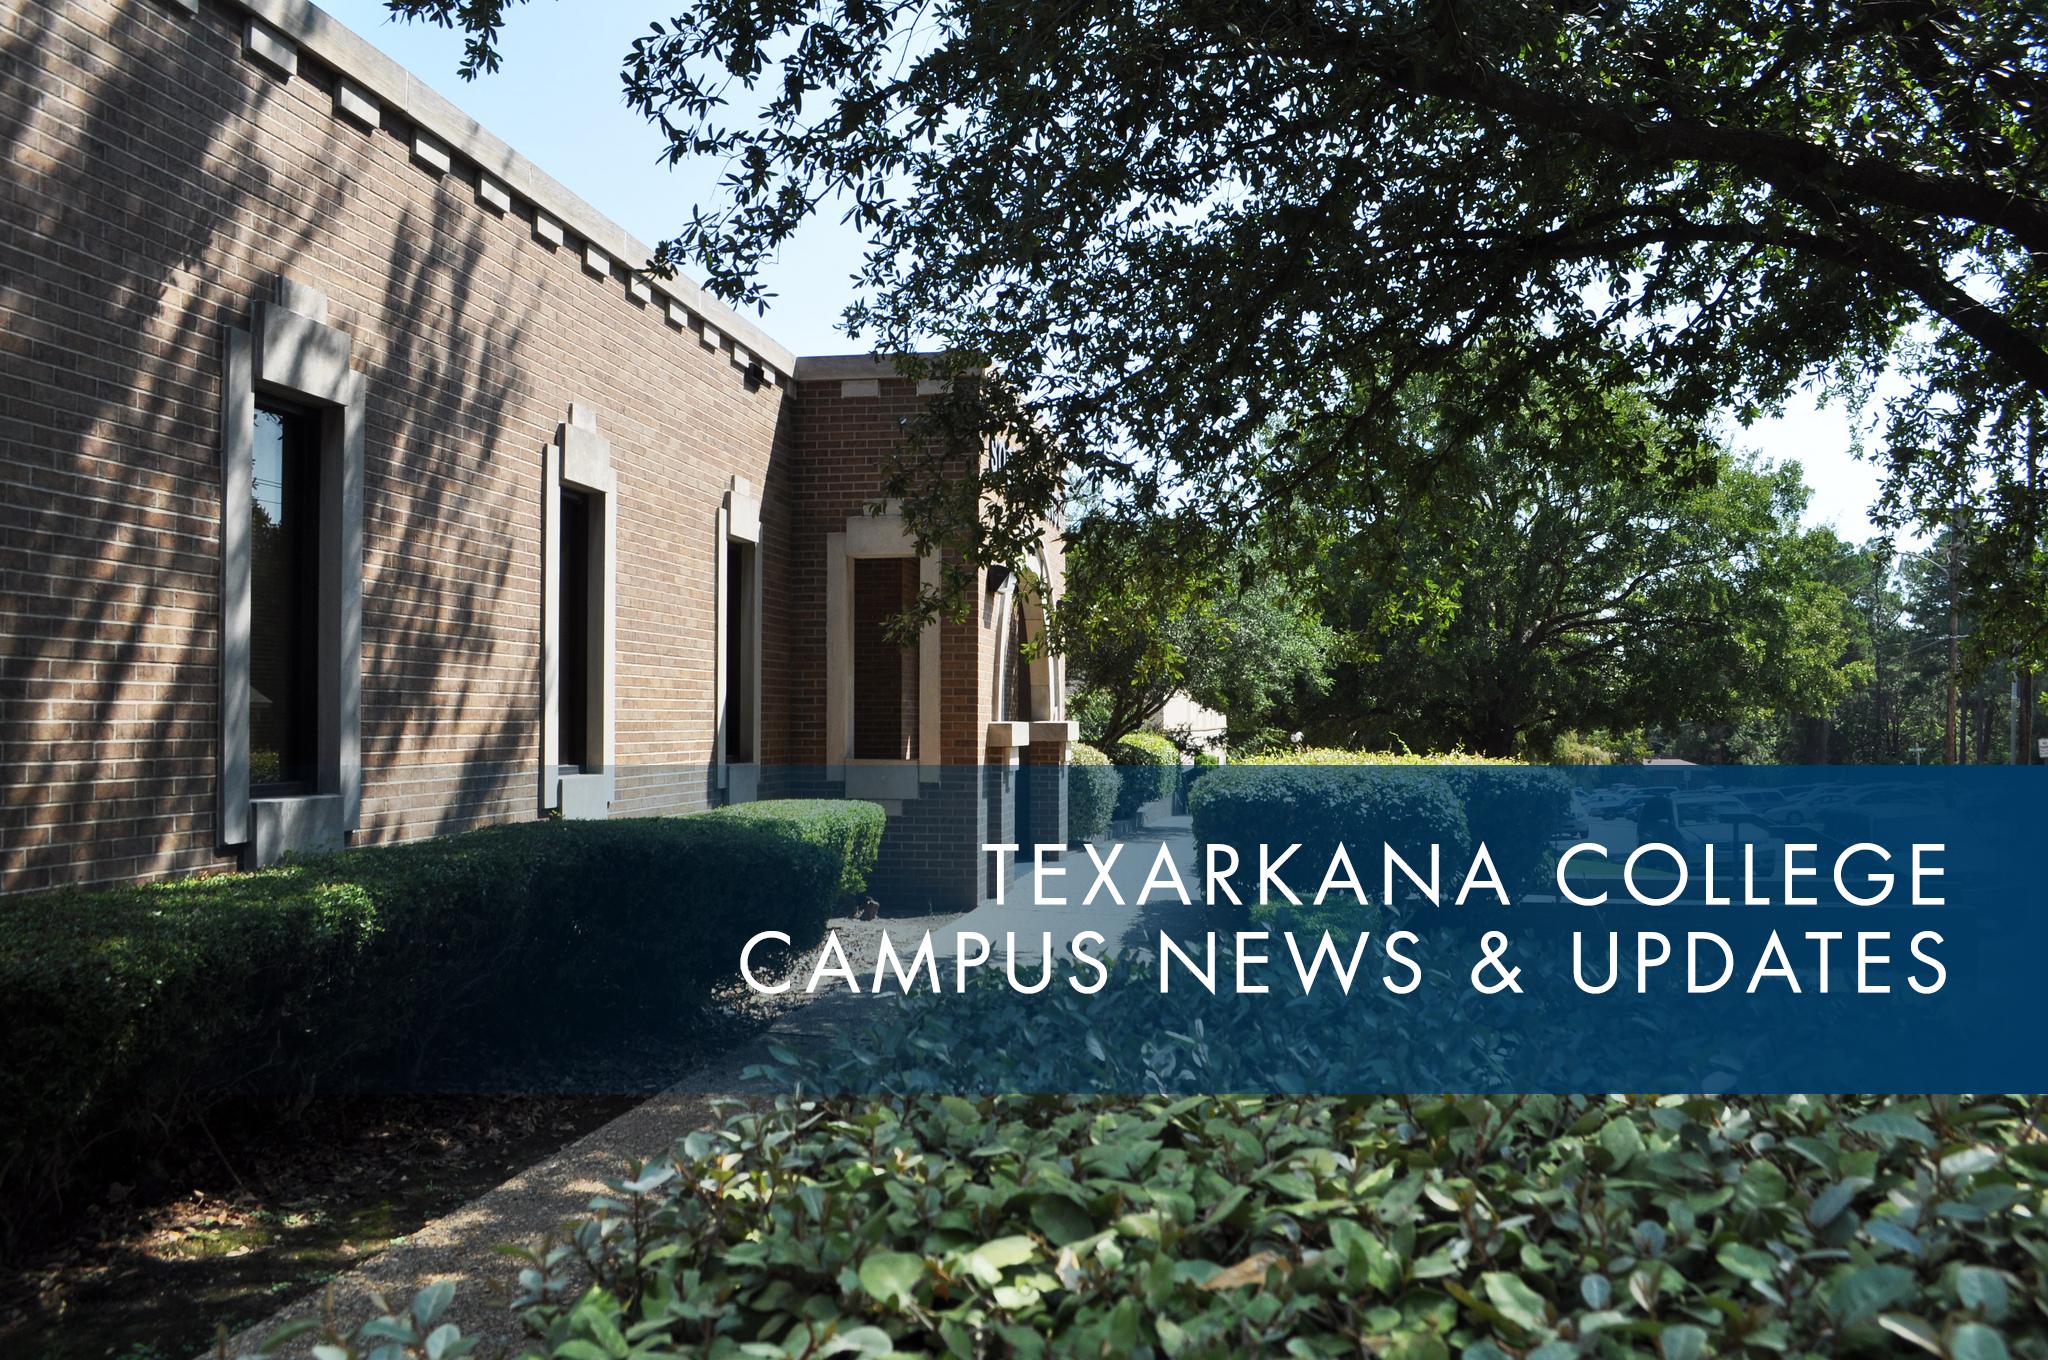 campusnews.png